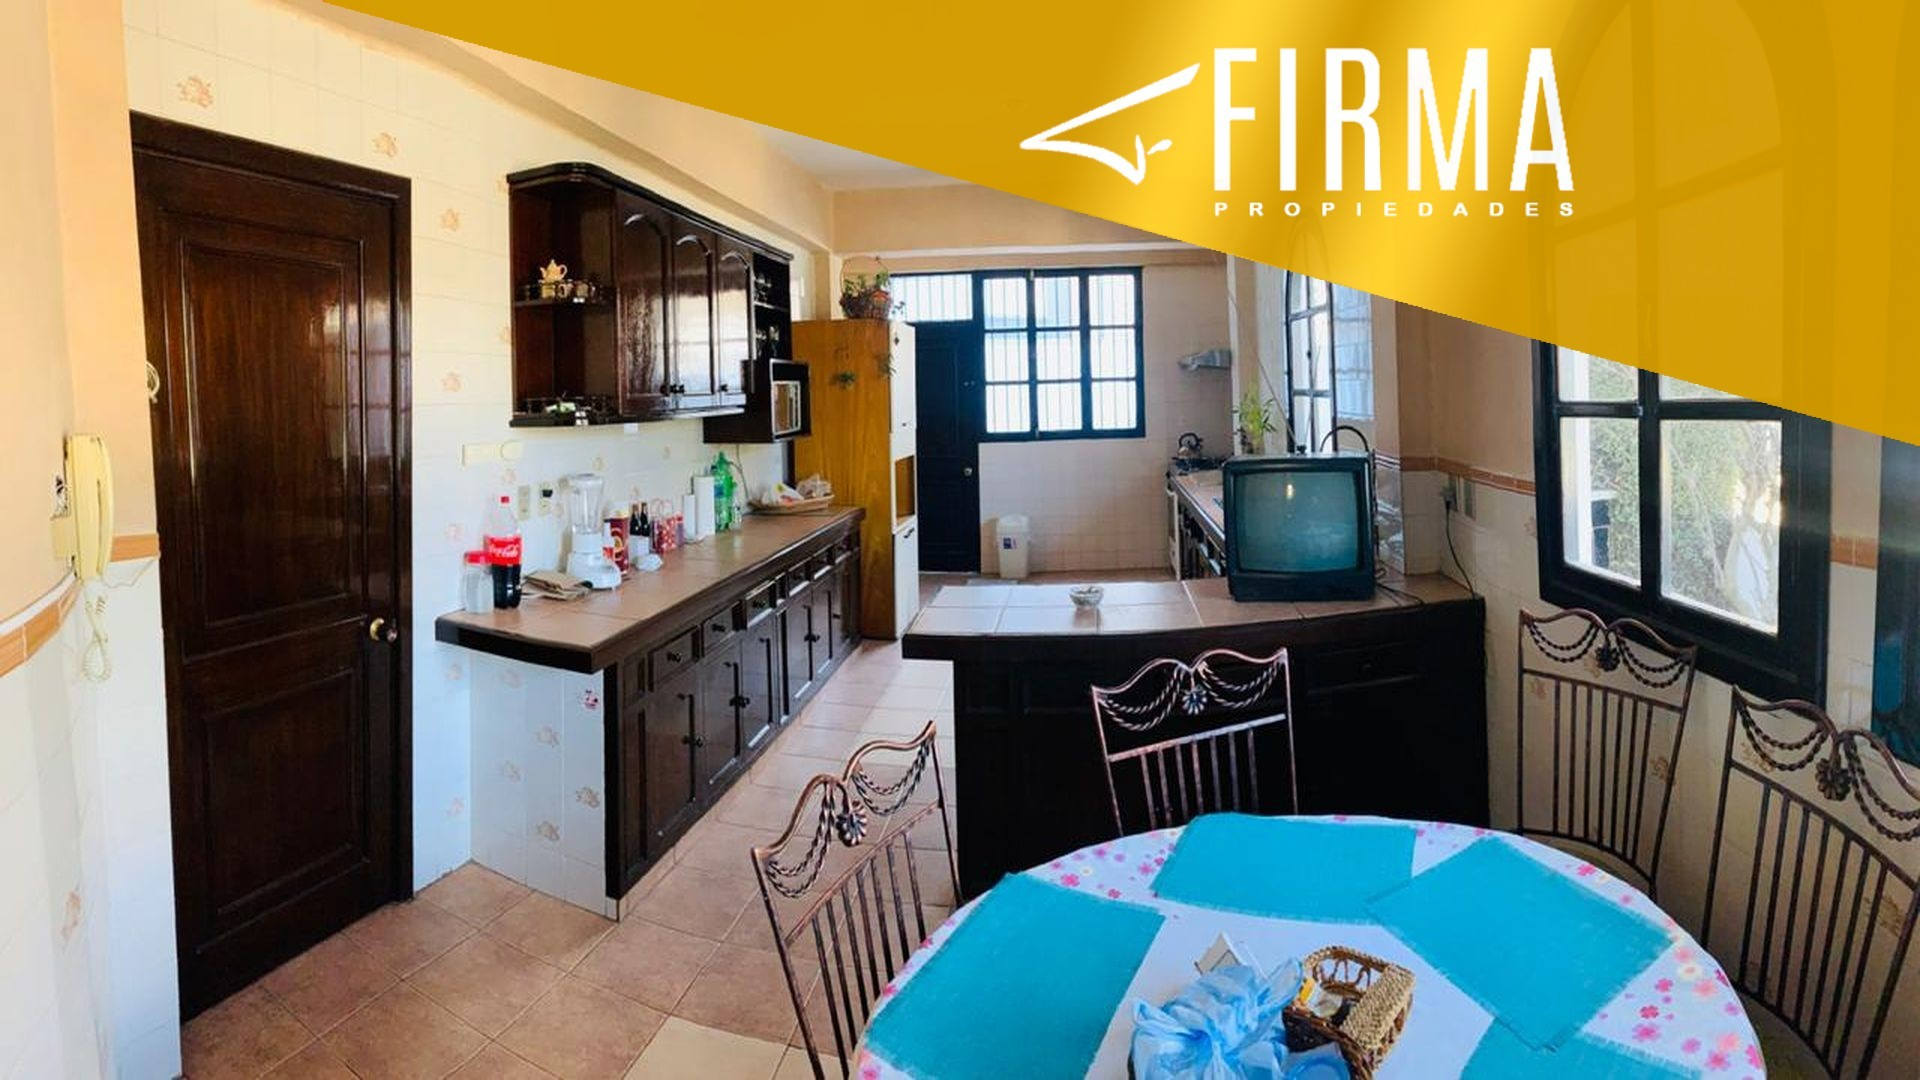 Casa en Venta ACHUMANI FRENTE AL CLUB ALEMAN Foto 9